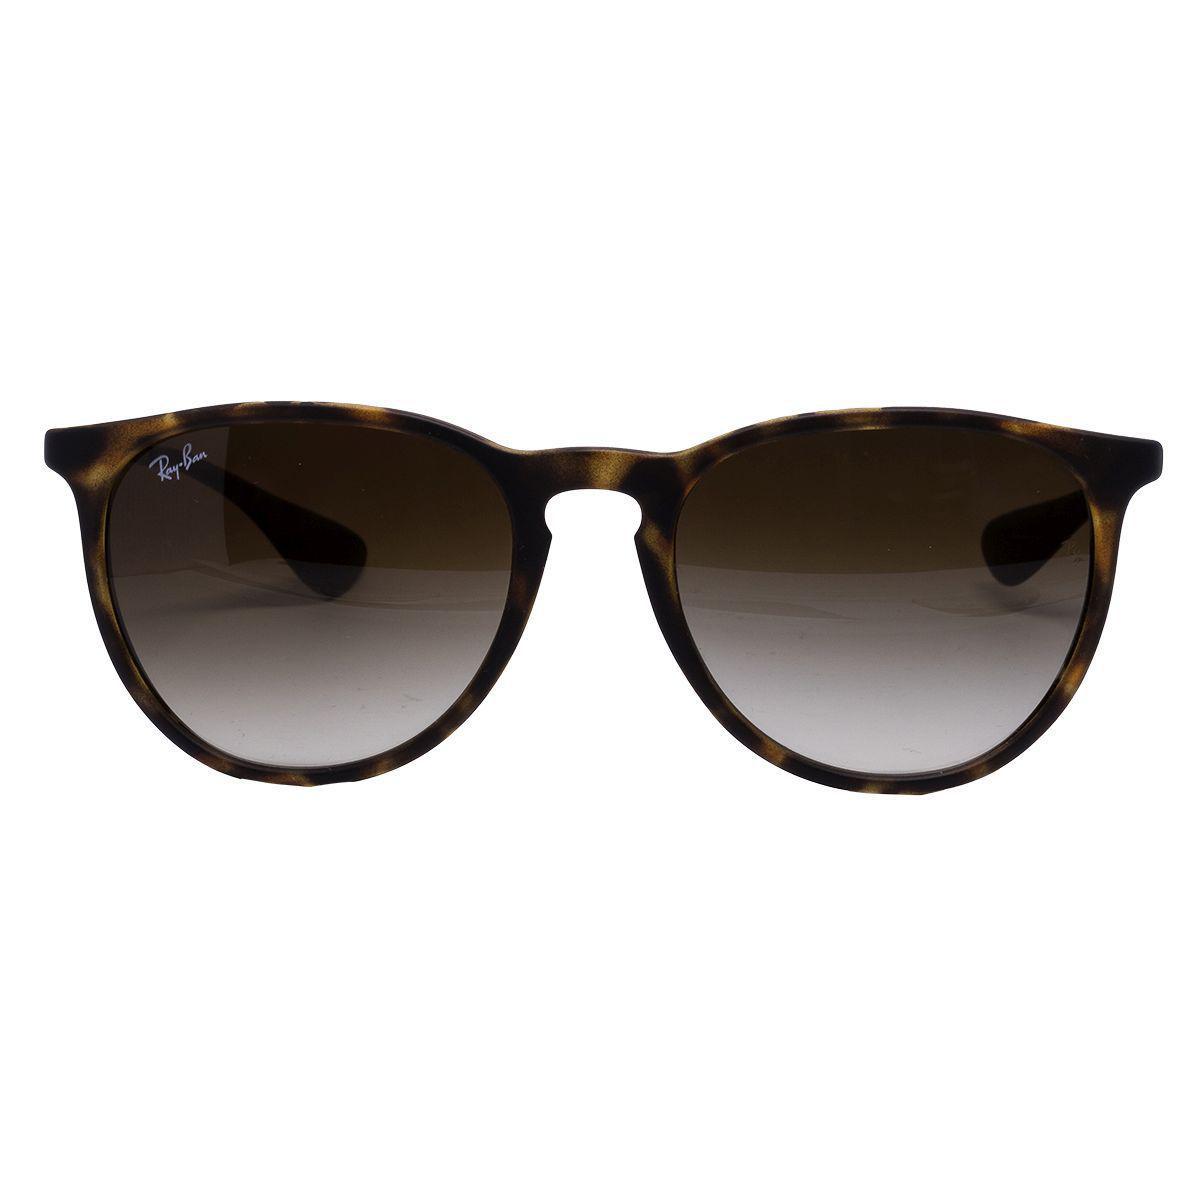 Óculos de Sol Ray Ban Erika RB4171L 865 13 - Acetato Tartaruga, Lente Marrom  Degradê R  485,00 à vista. Adicionar à sacola ab6cec9b8a